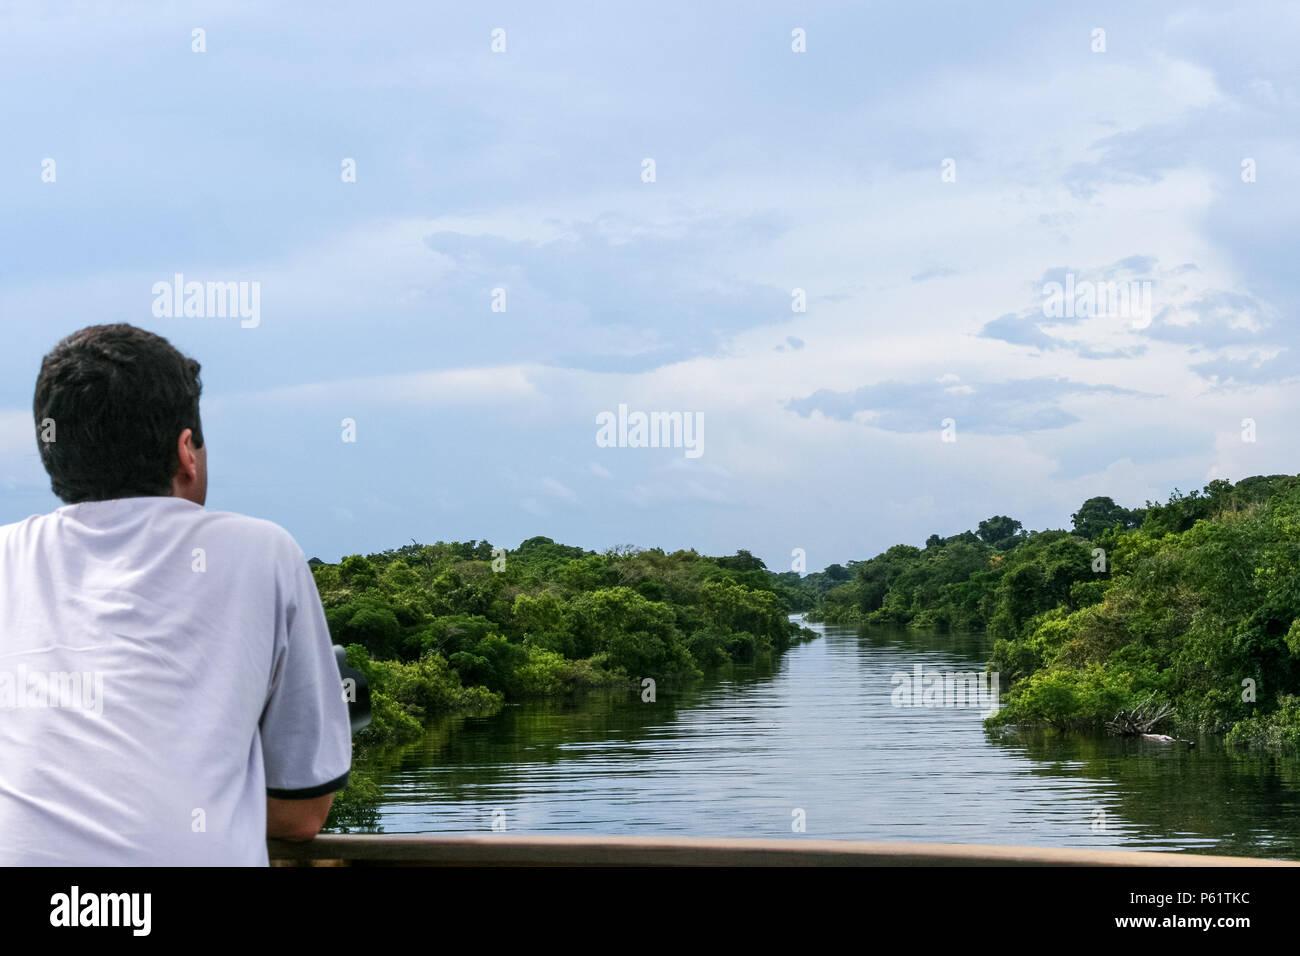 Amazonas, Brasil. Un turista contemplando la hermosa vista del Río Negro durante la estación de lluvias en la selva amazónica en el fondo. Imagen De Stock